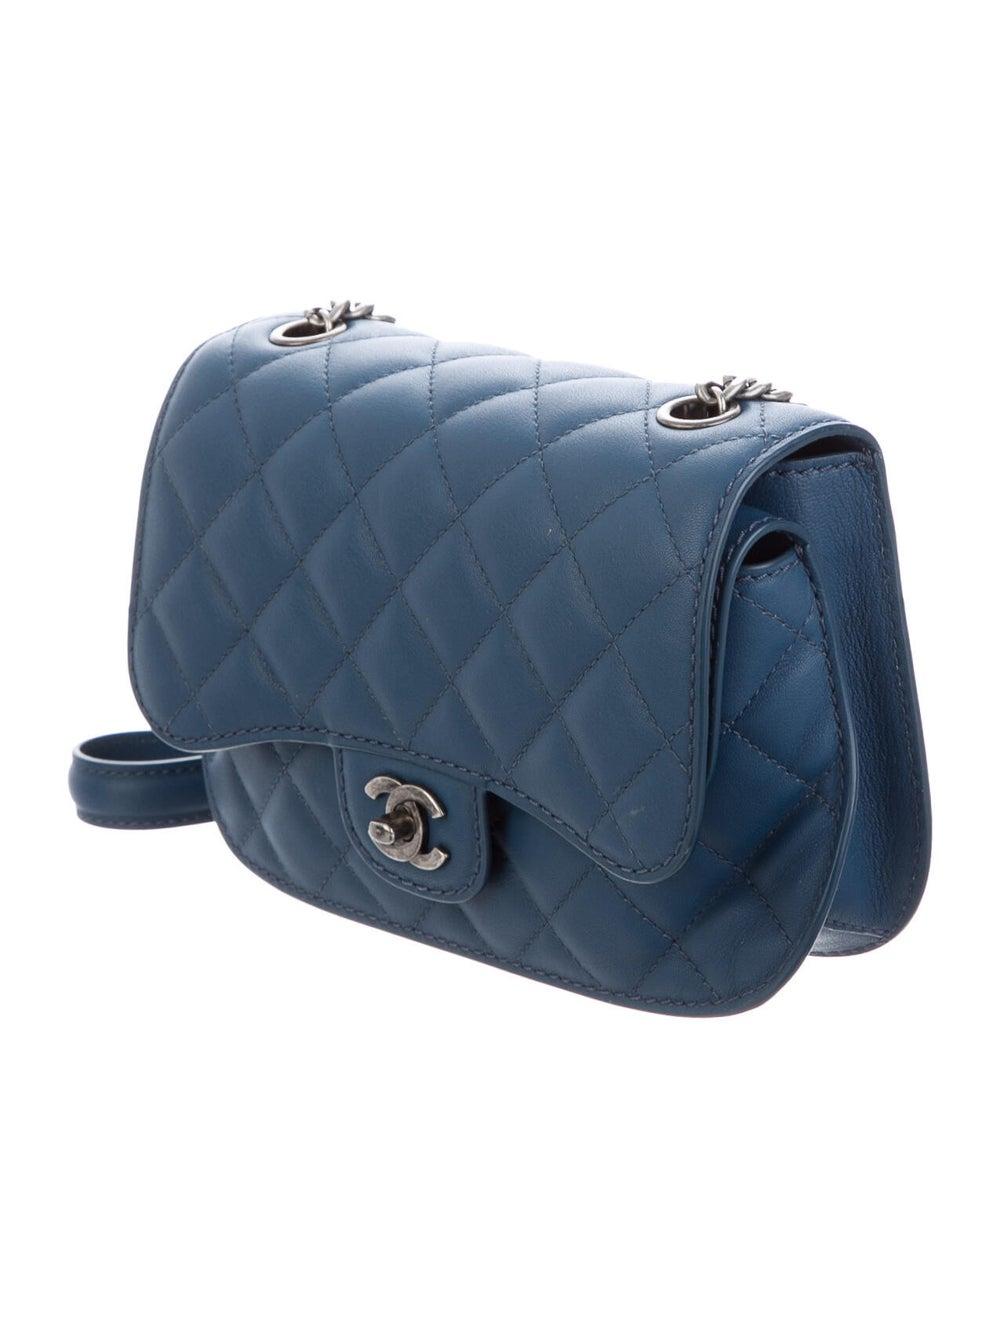 Chanel Flap Messenger Bag Blue - image 3